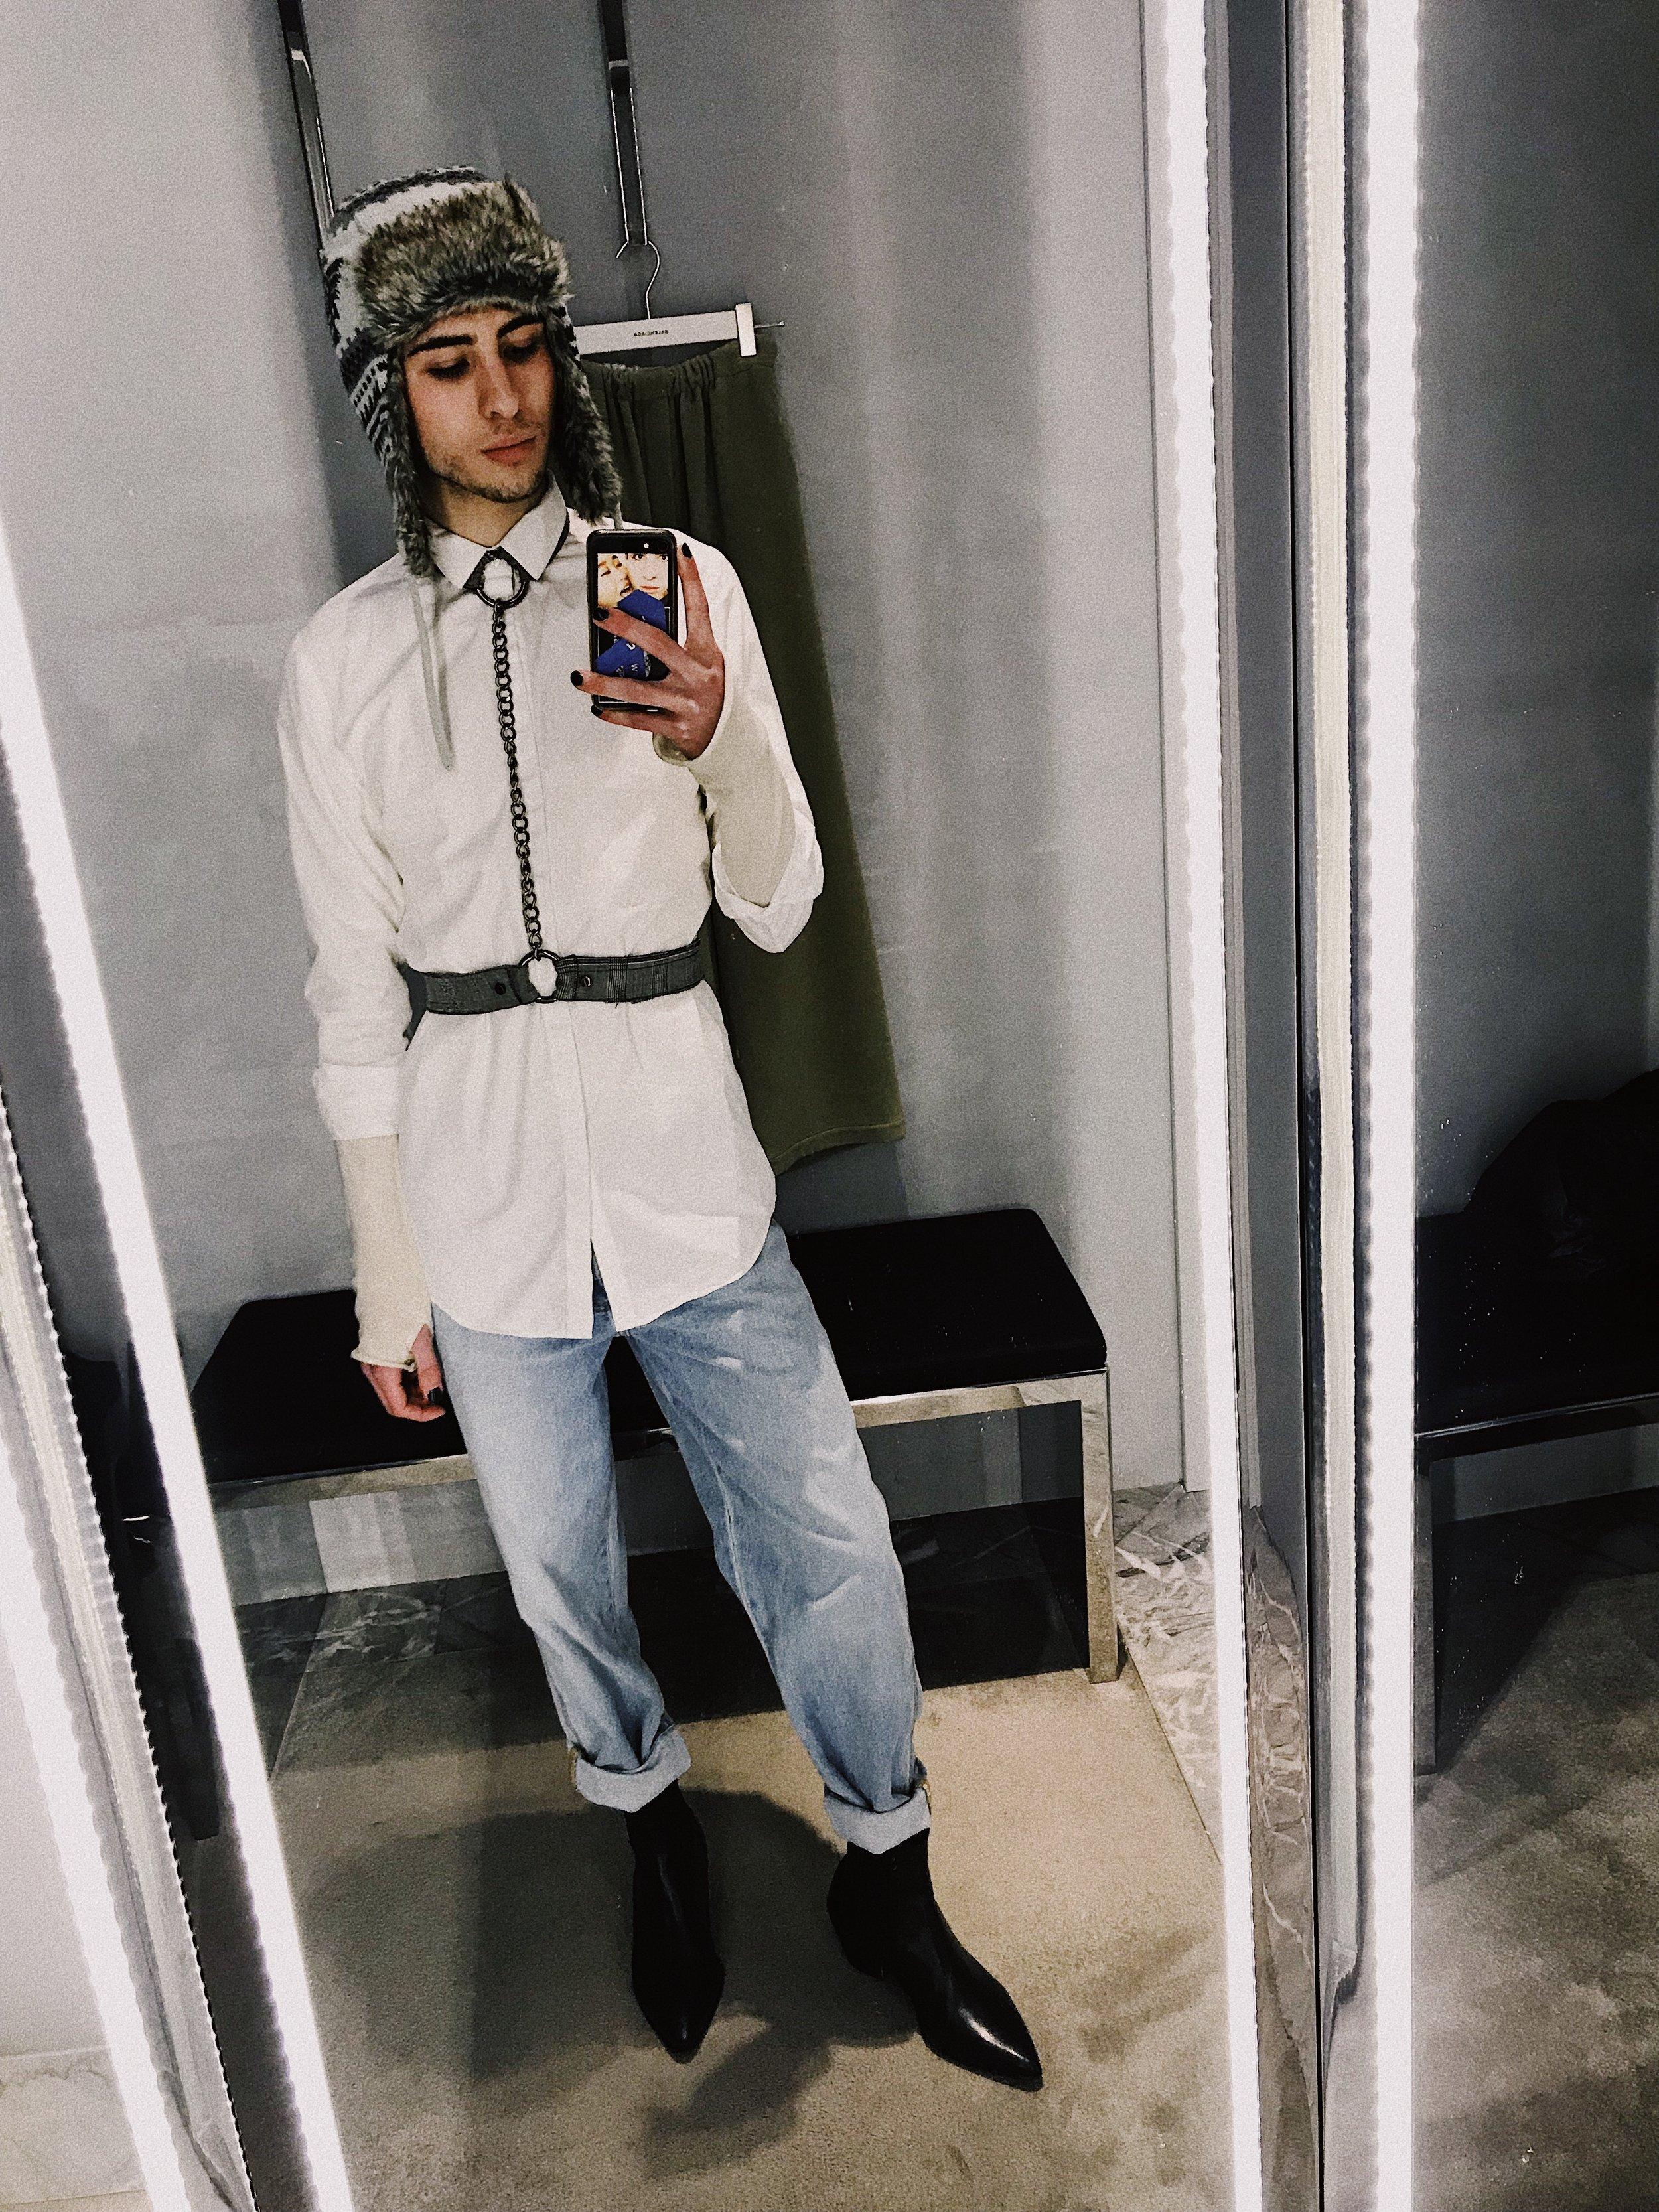 Balenciaga Mirror Selfie @zydeofficial